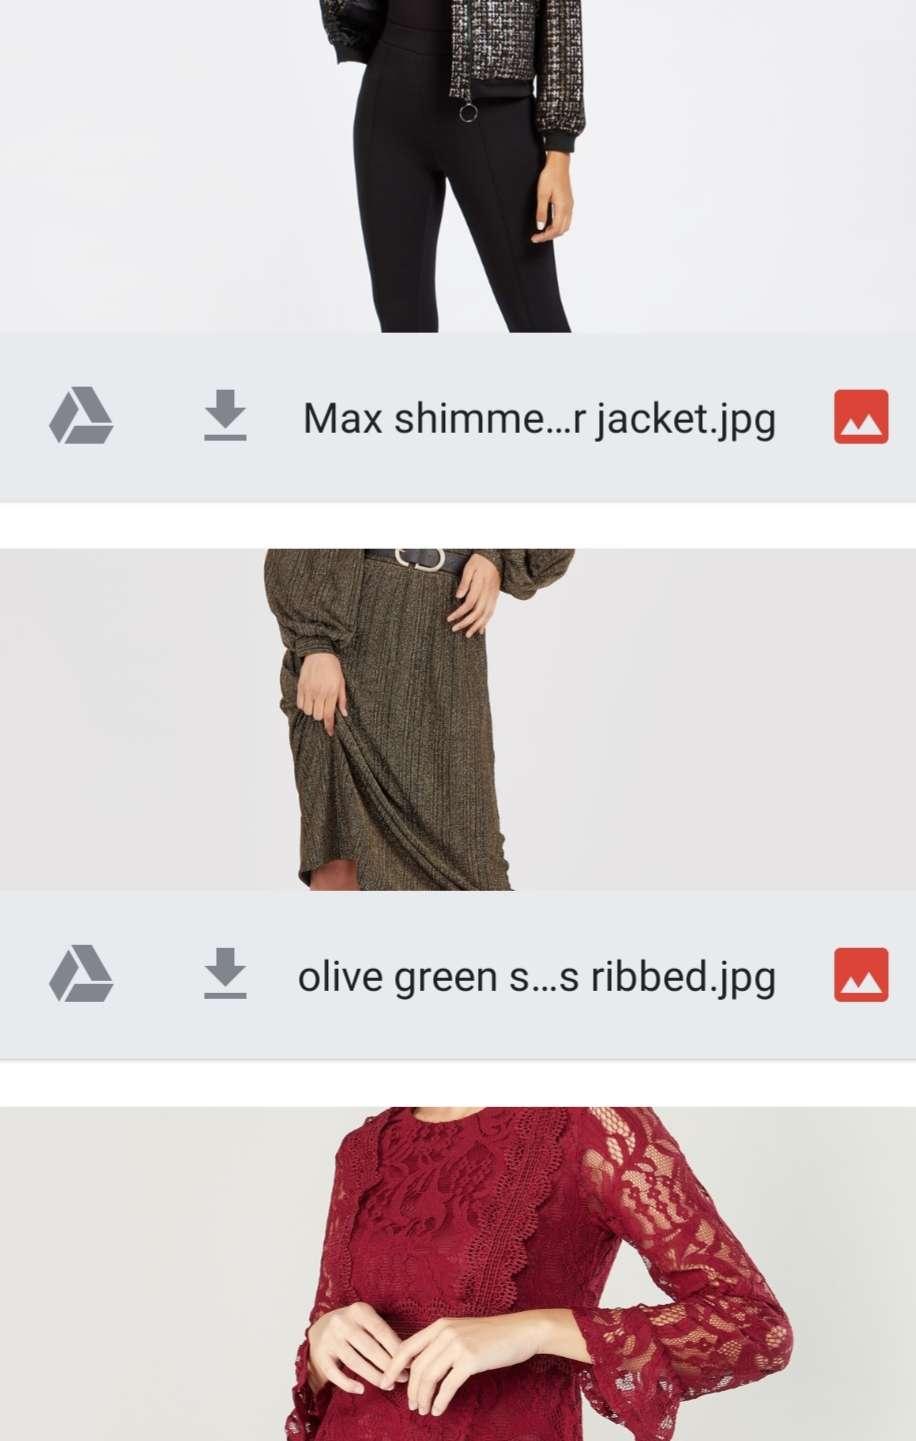 طلات أنيقة تناسب جميع الميزانيات:أفكار جديدة لأزياء احتفالية مثالية